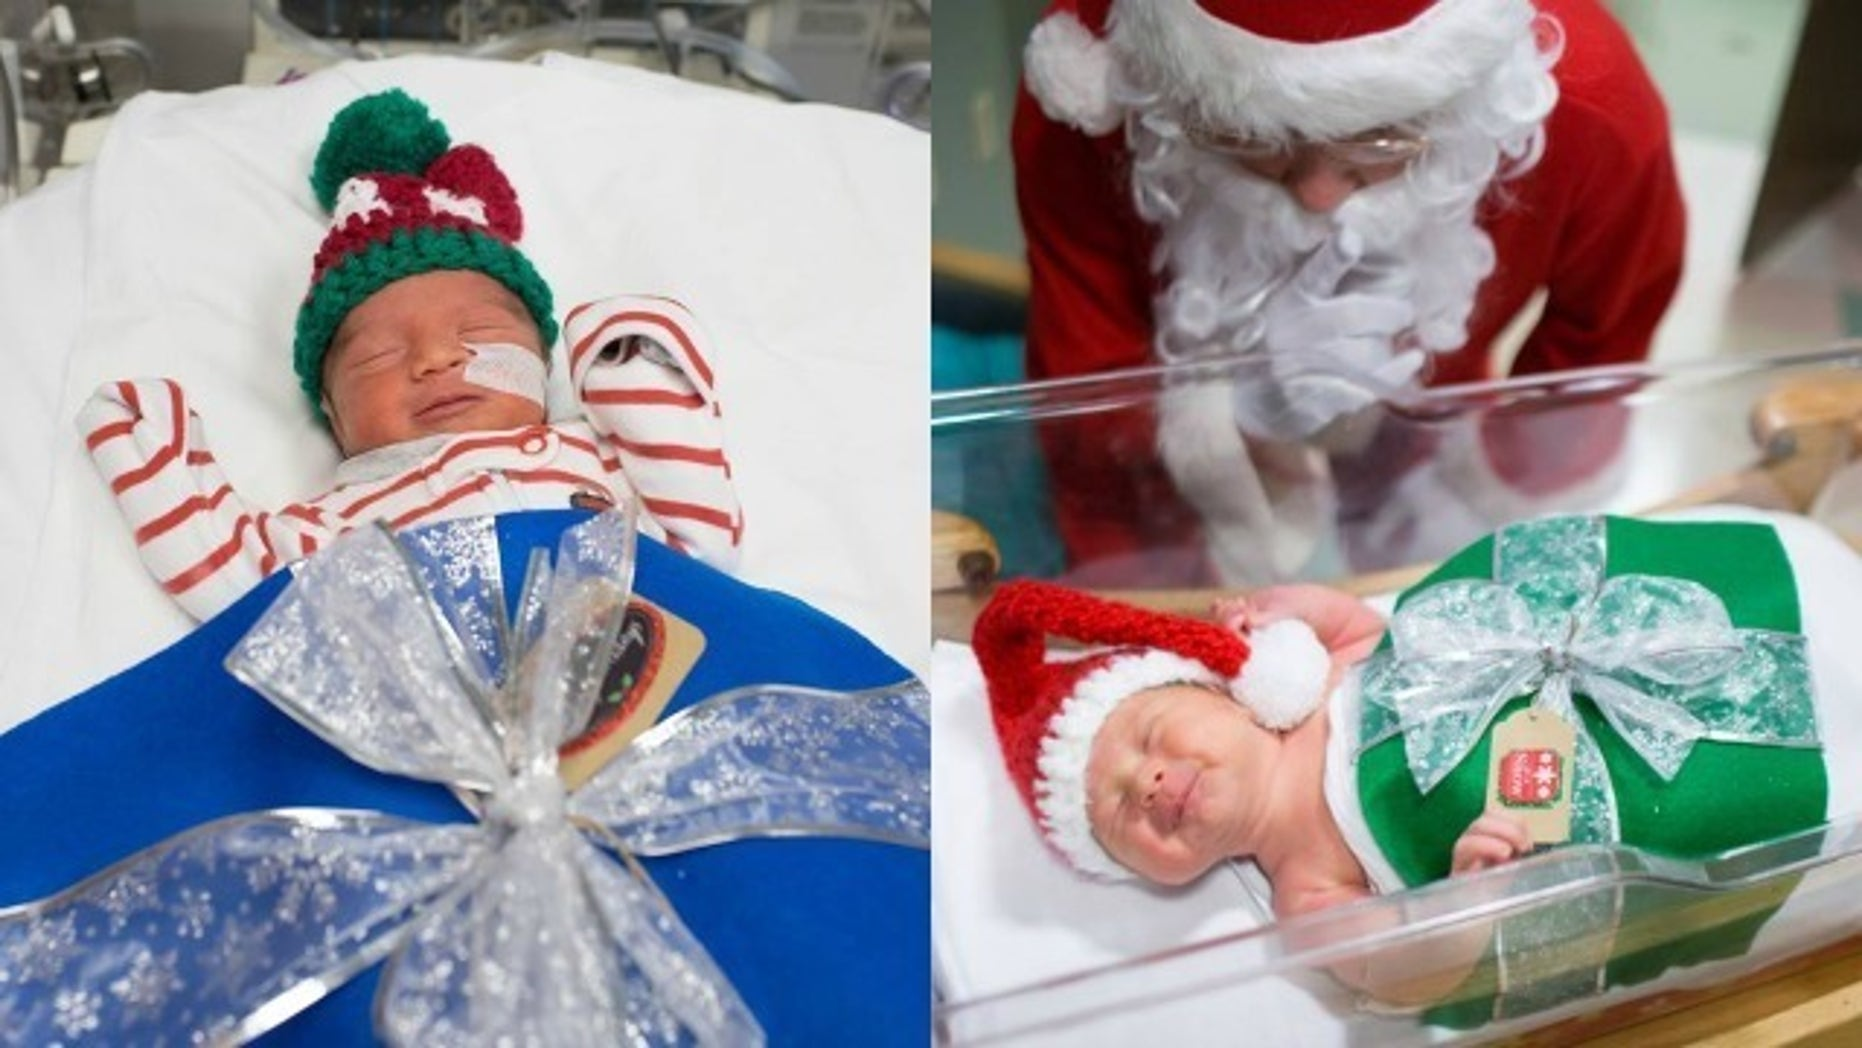 Missouri hospital dresses up preemies